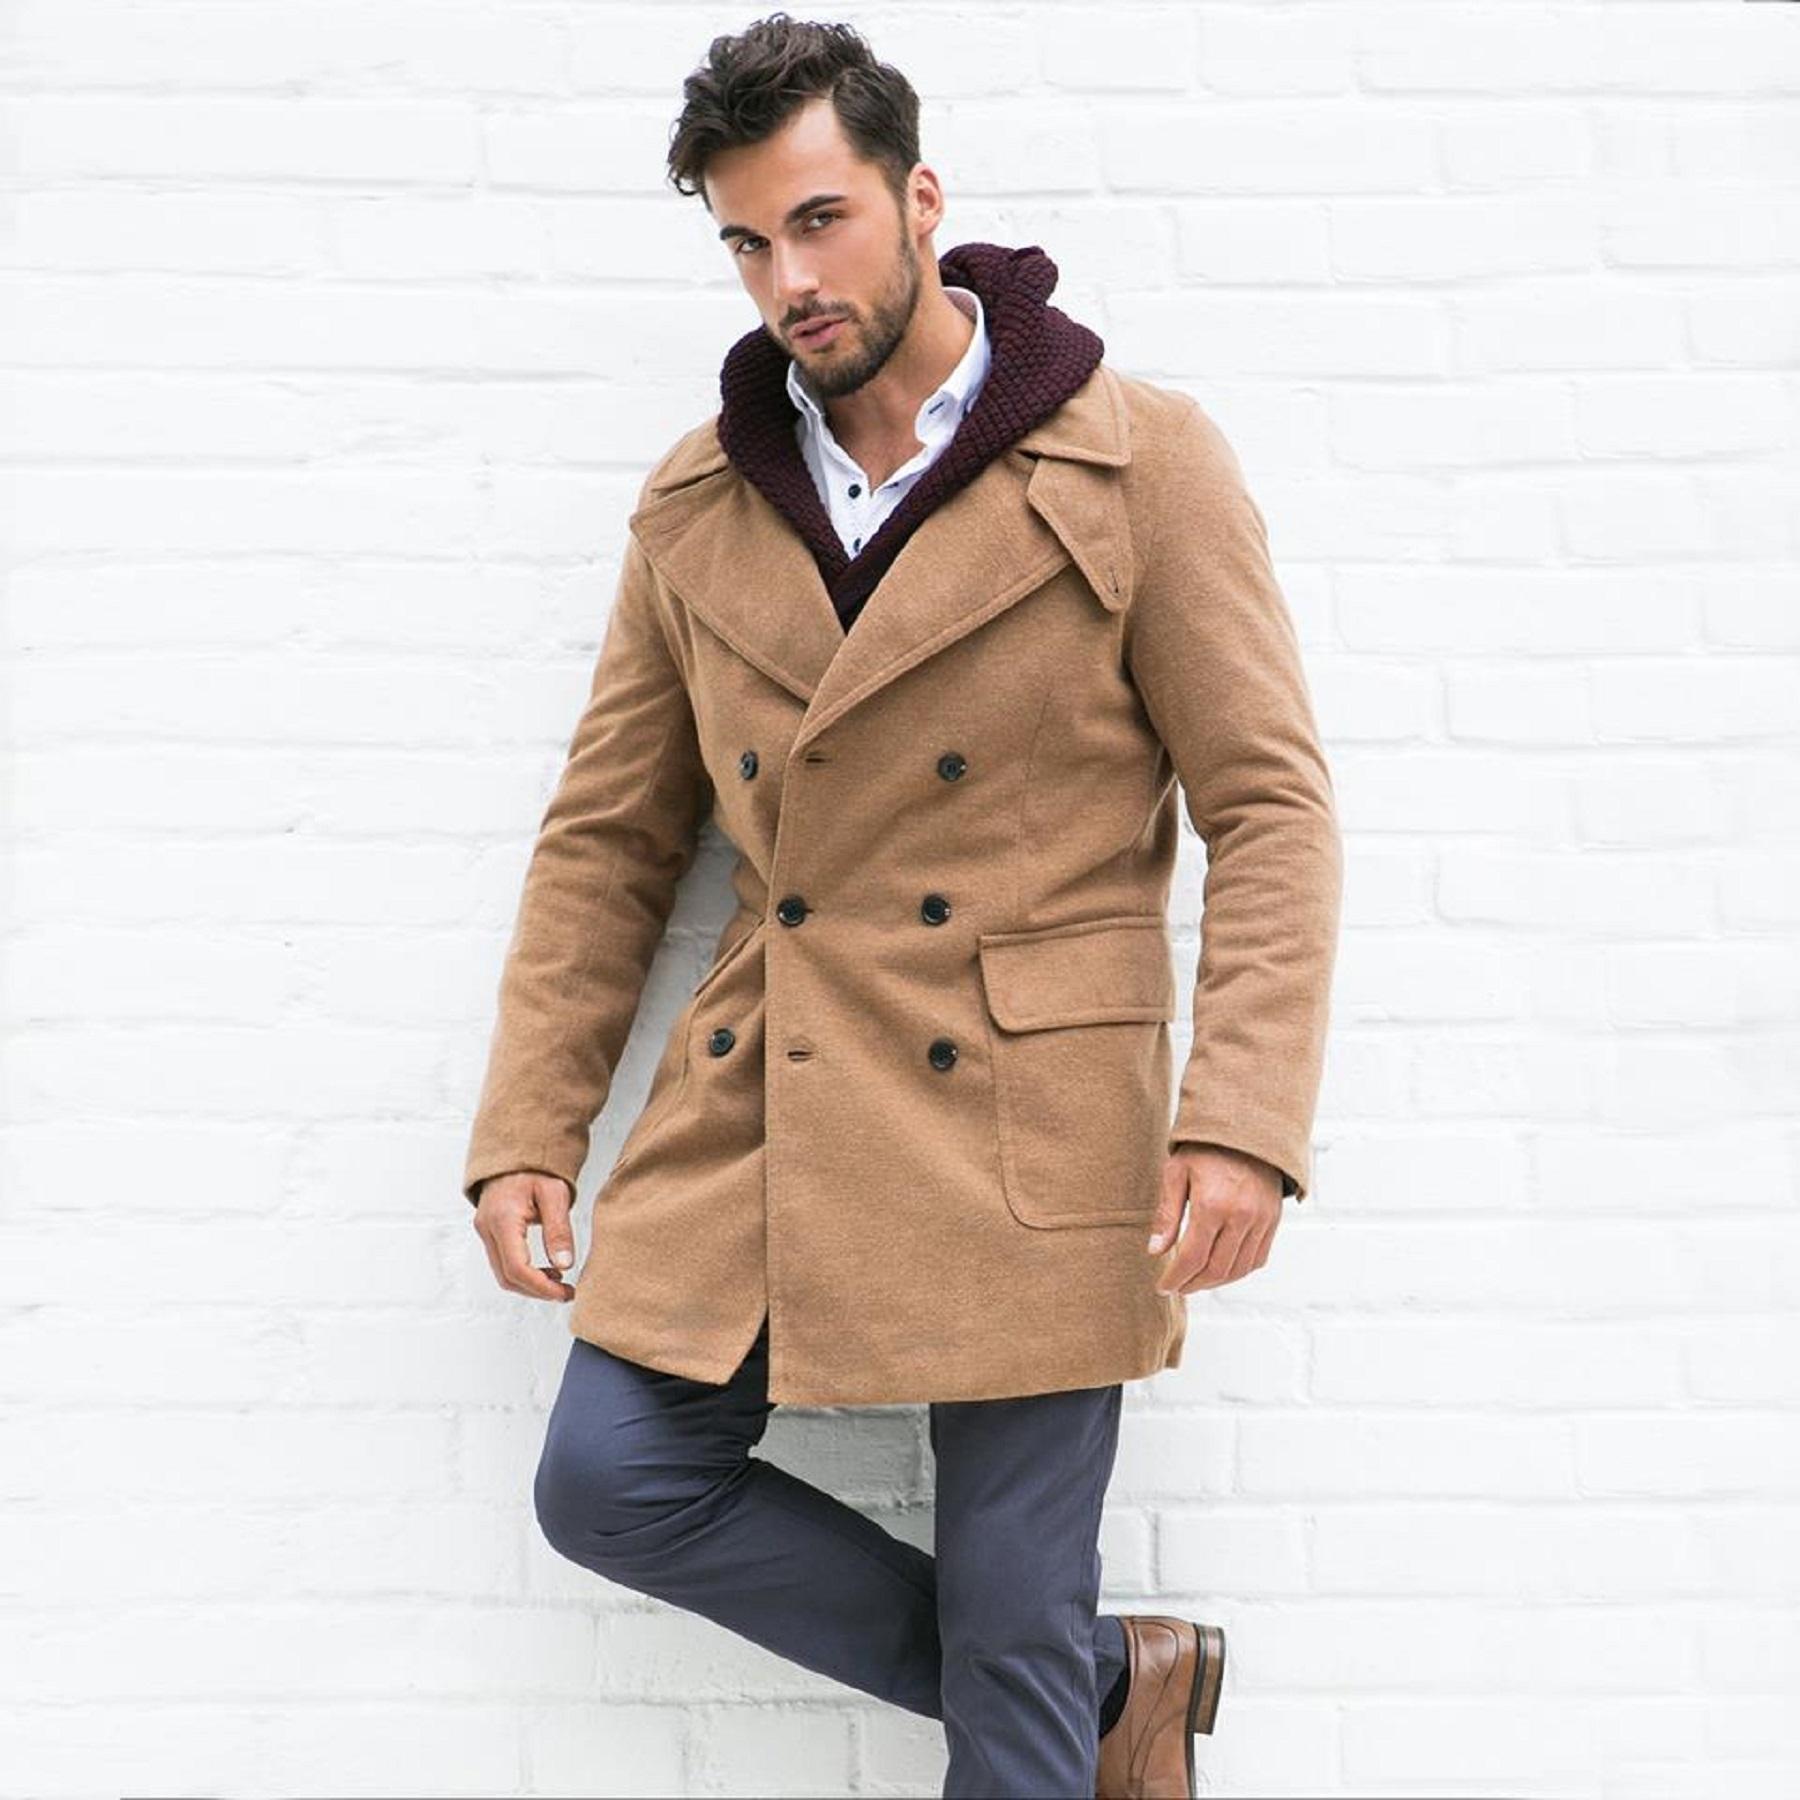 Beżowy płaszcz męski na zimę – dlaczego warto go mieć?